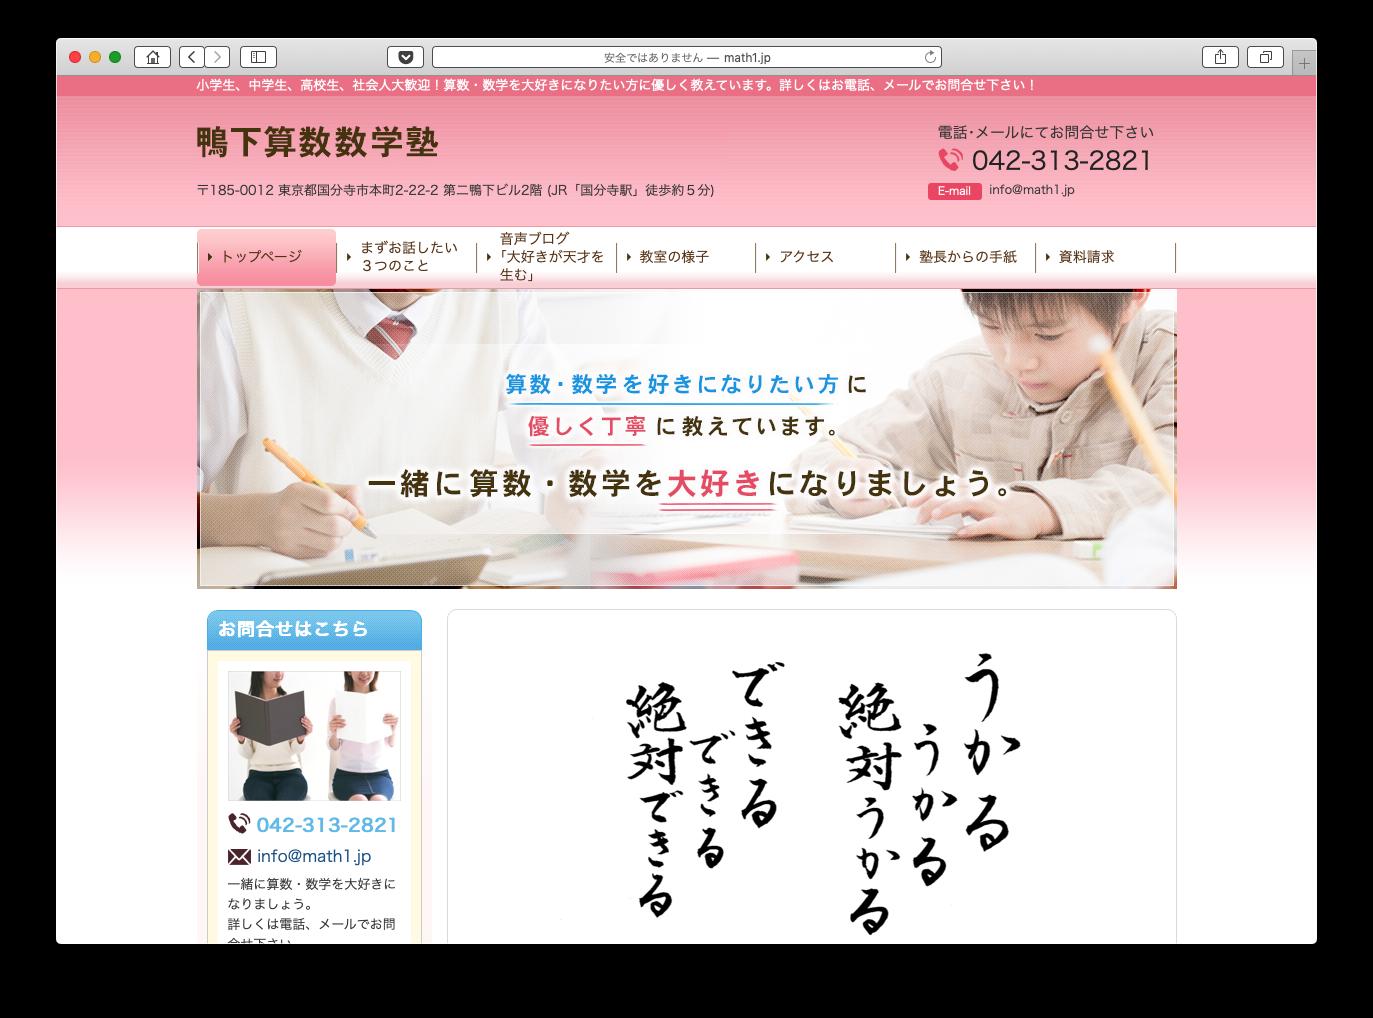 子どもを通わせたくなる塾のホームページの5つの特徴